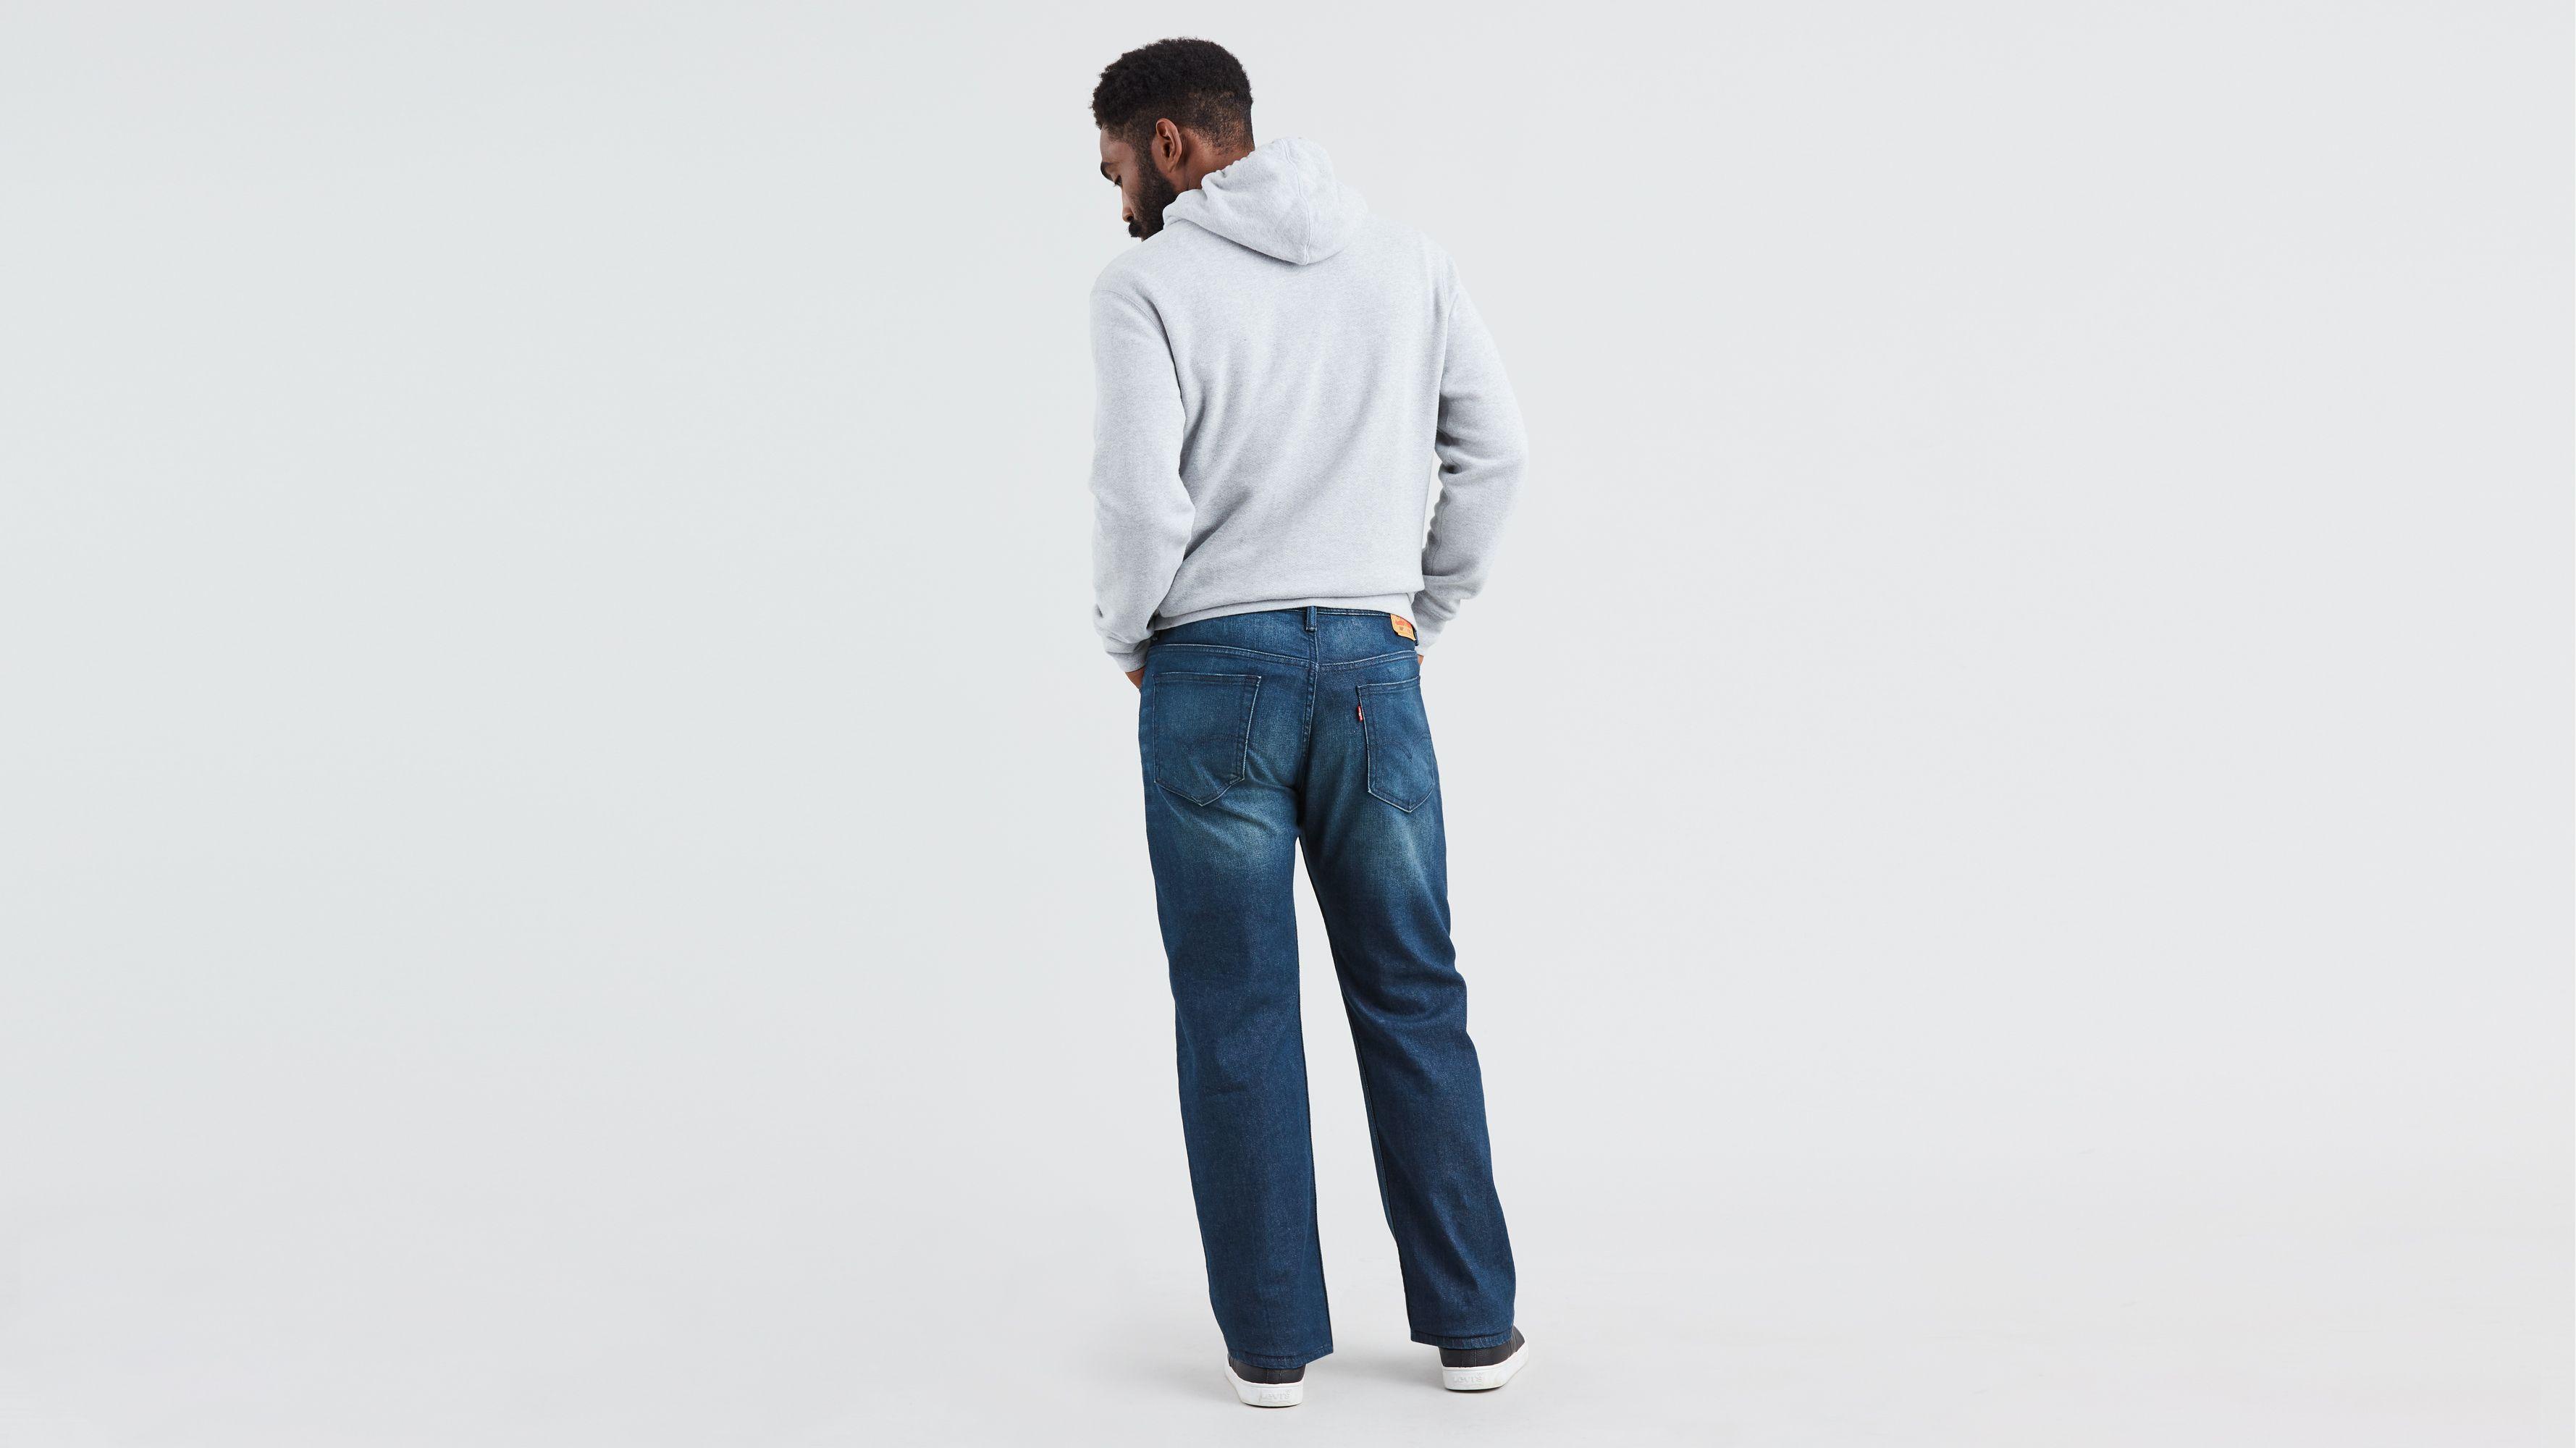 b73b9ac0f45 569™ Loose Straight Fit Men's Jeans - Dark Wash | Levi's® US